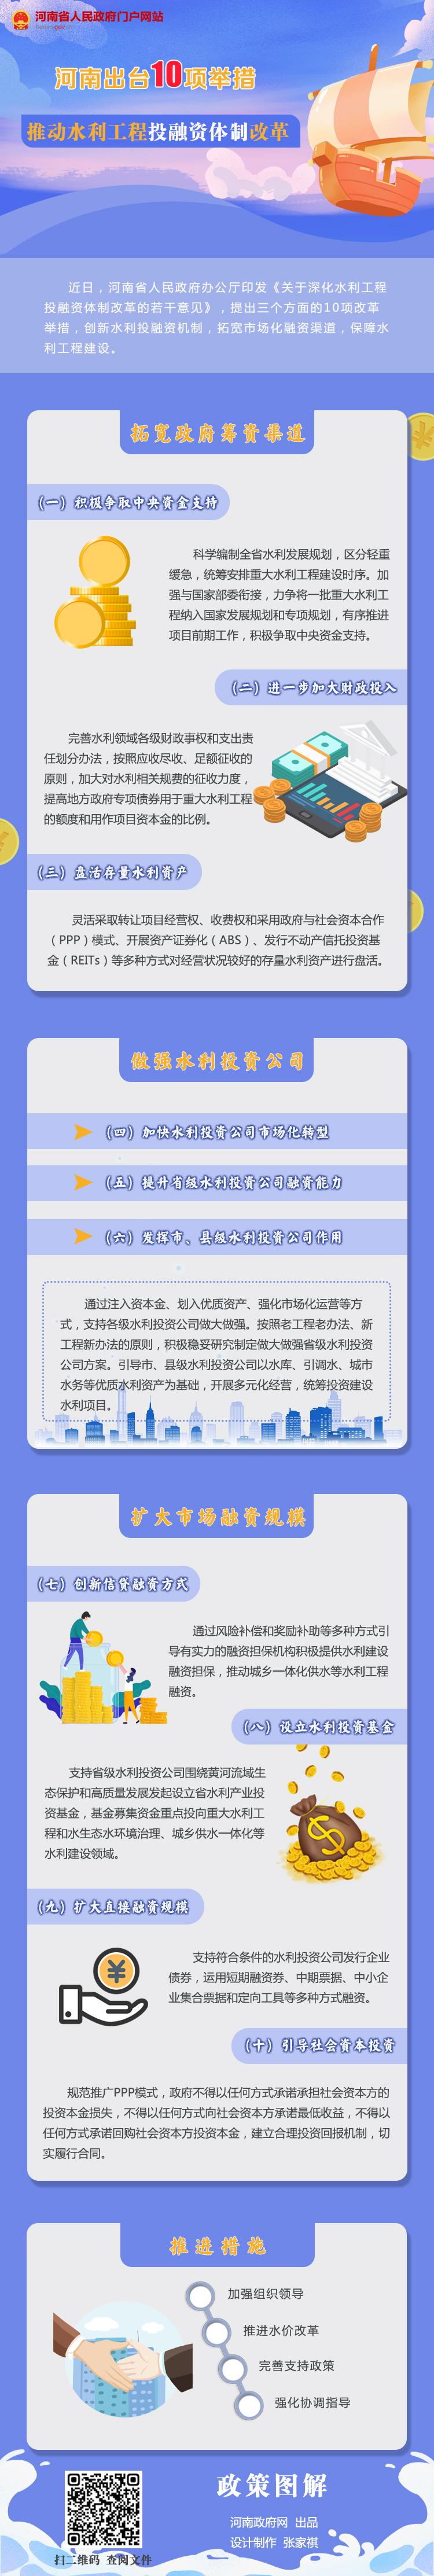 图解:河南10项举措推动水利工程投融资体制改革